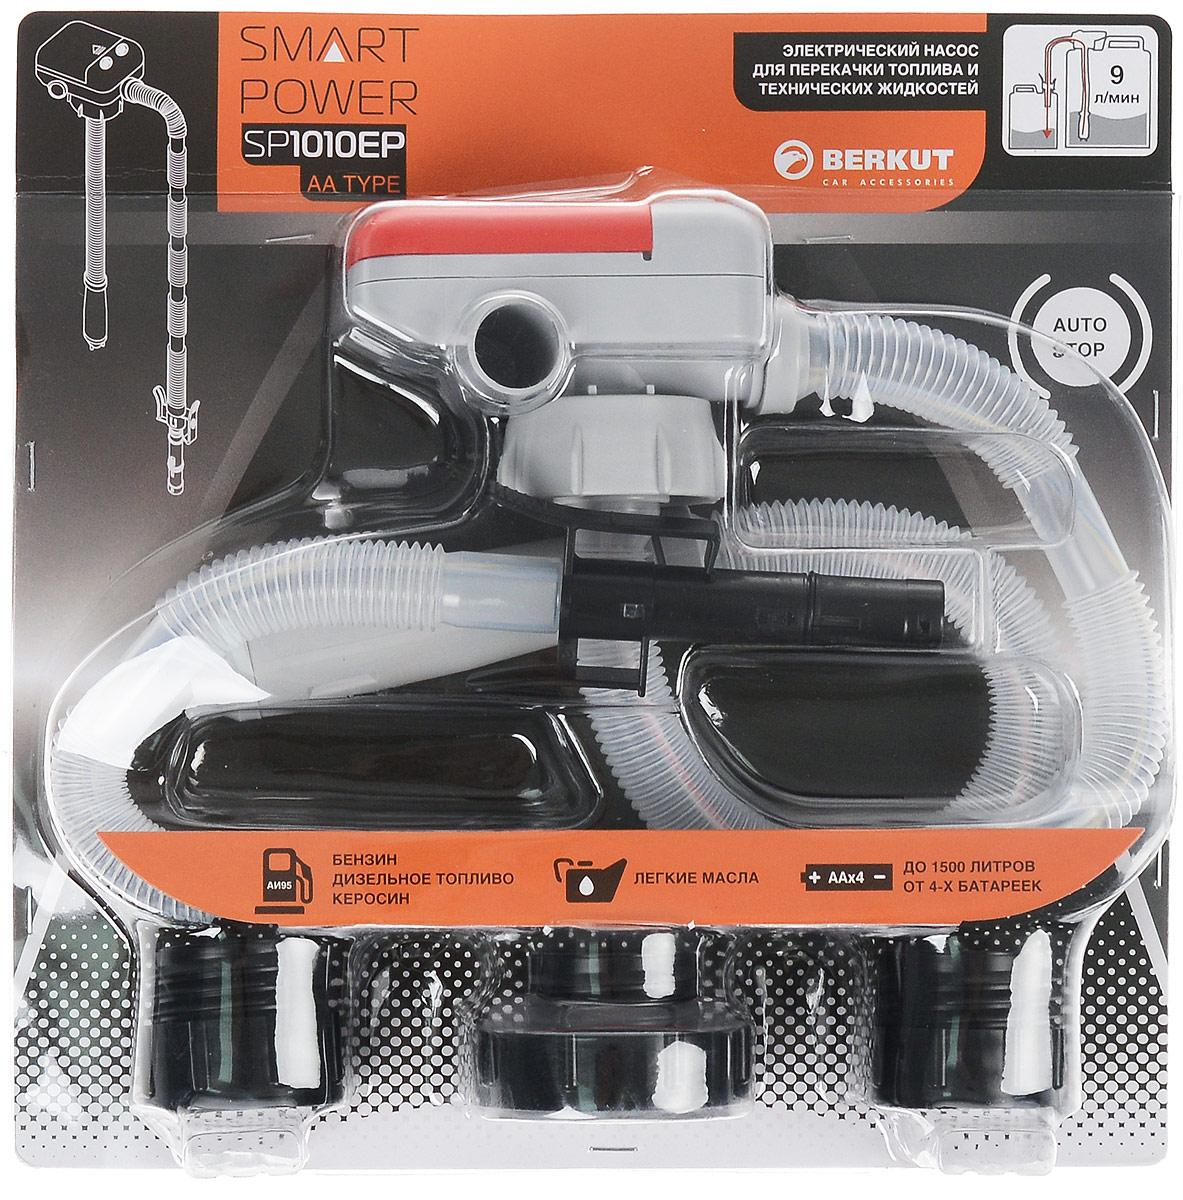 Электрическая помпа для перекачки жидкости и ГСМ BERKUT Smart Power SP1010ЕР ( SP1010ЕР )